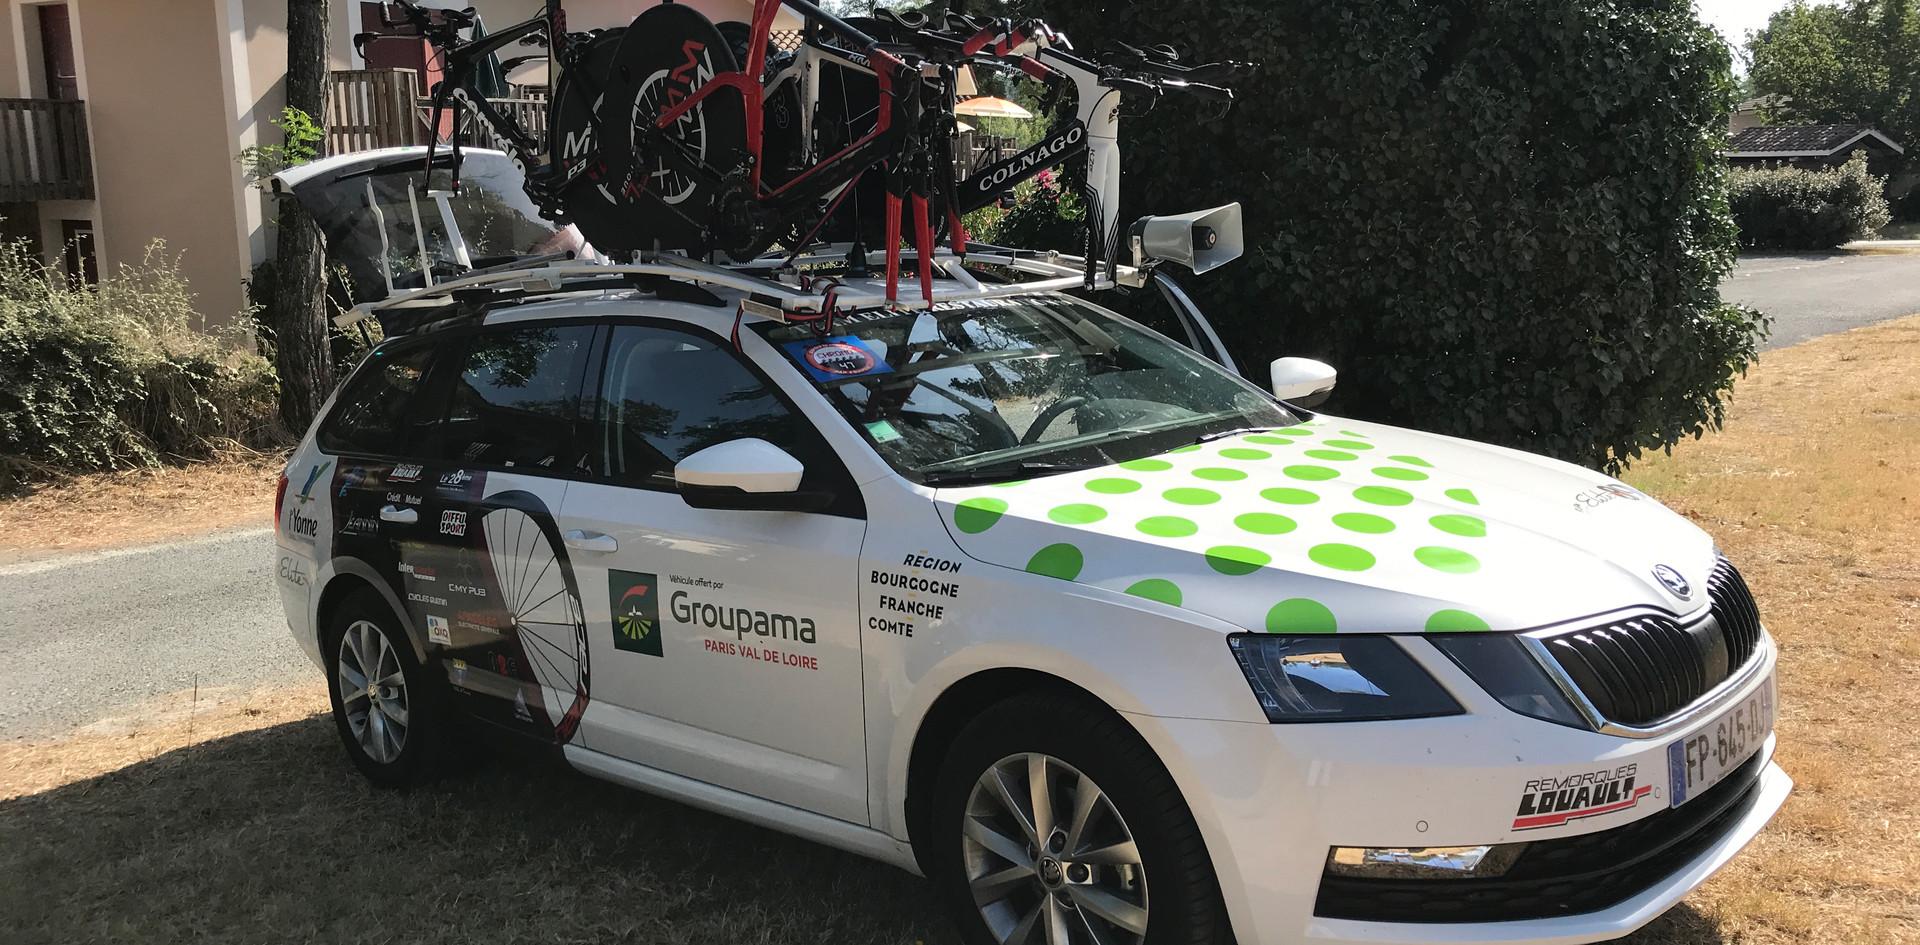 La voiture de l'équipe prête pour le départ